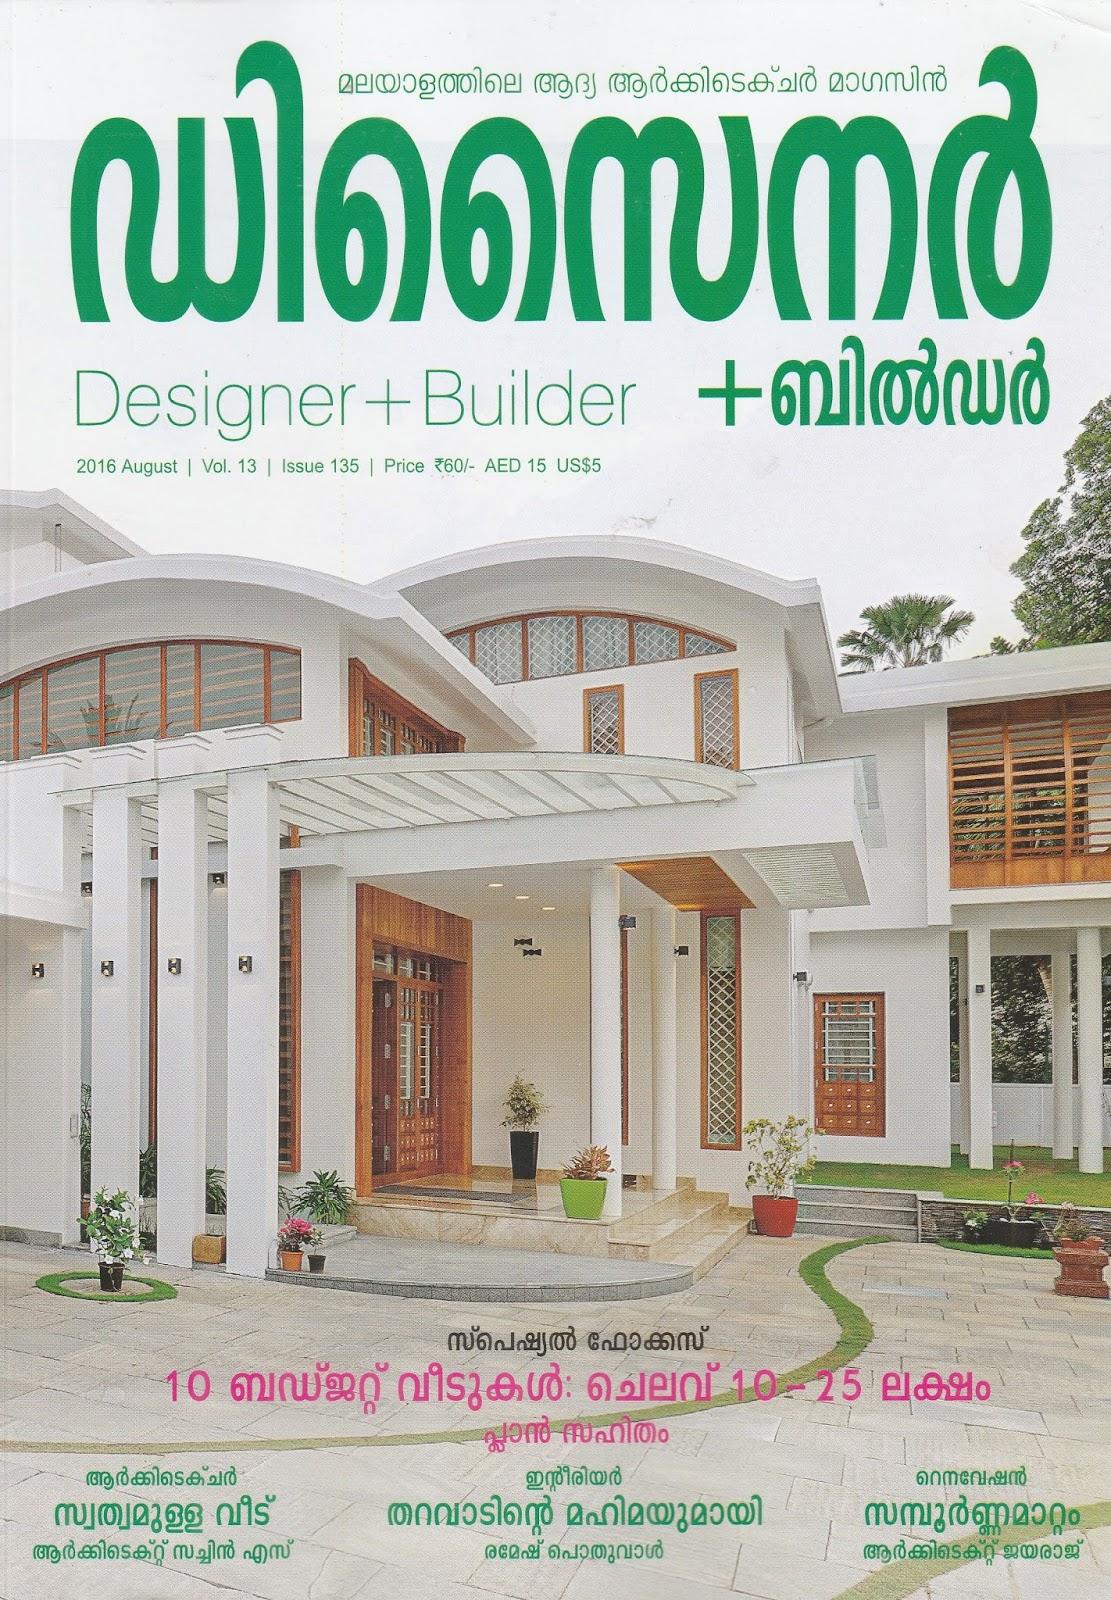 Ordinary Designer Builder Magazine Online #10: The First Architecture  Magazine In Malayalam Designer + Builder .